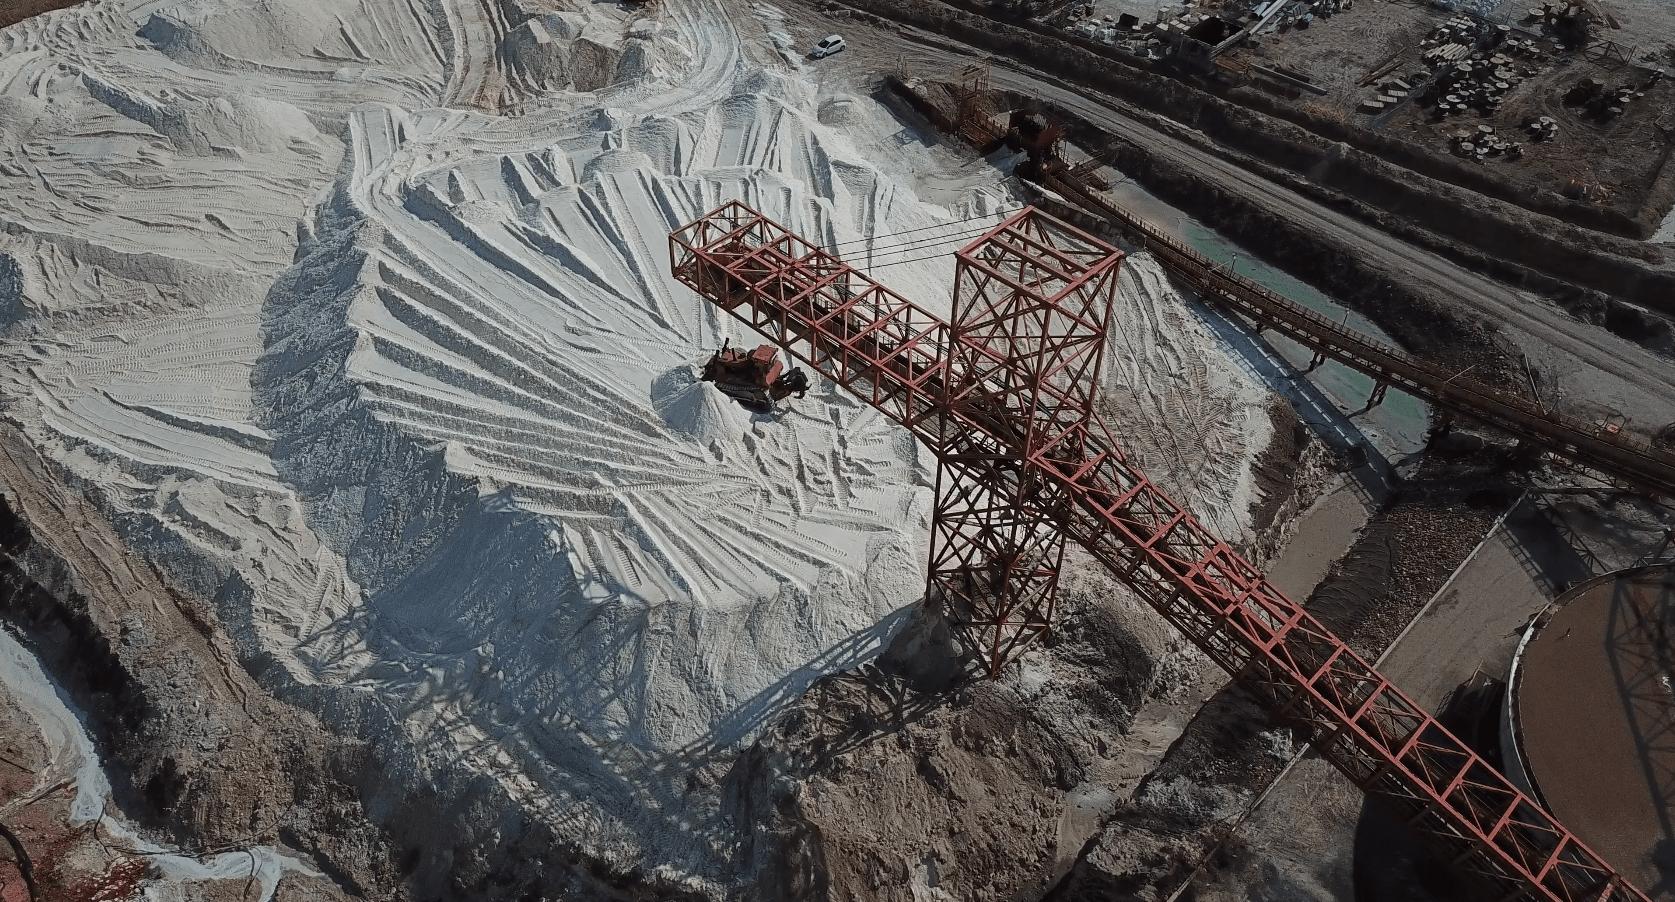 מפעל בים המלח (צילום: אליעד איבס, גרינפיס)